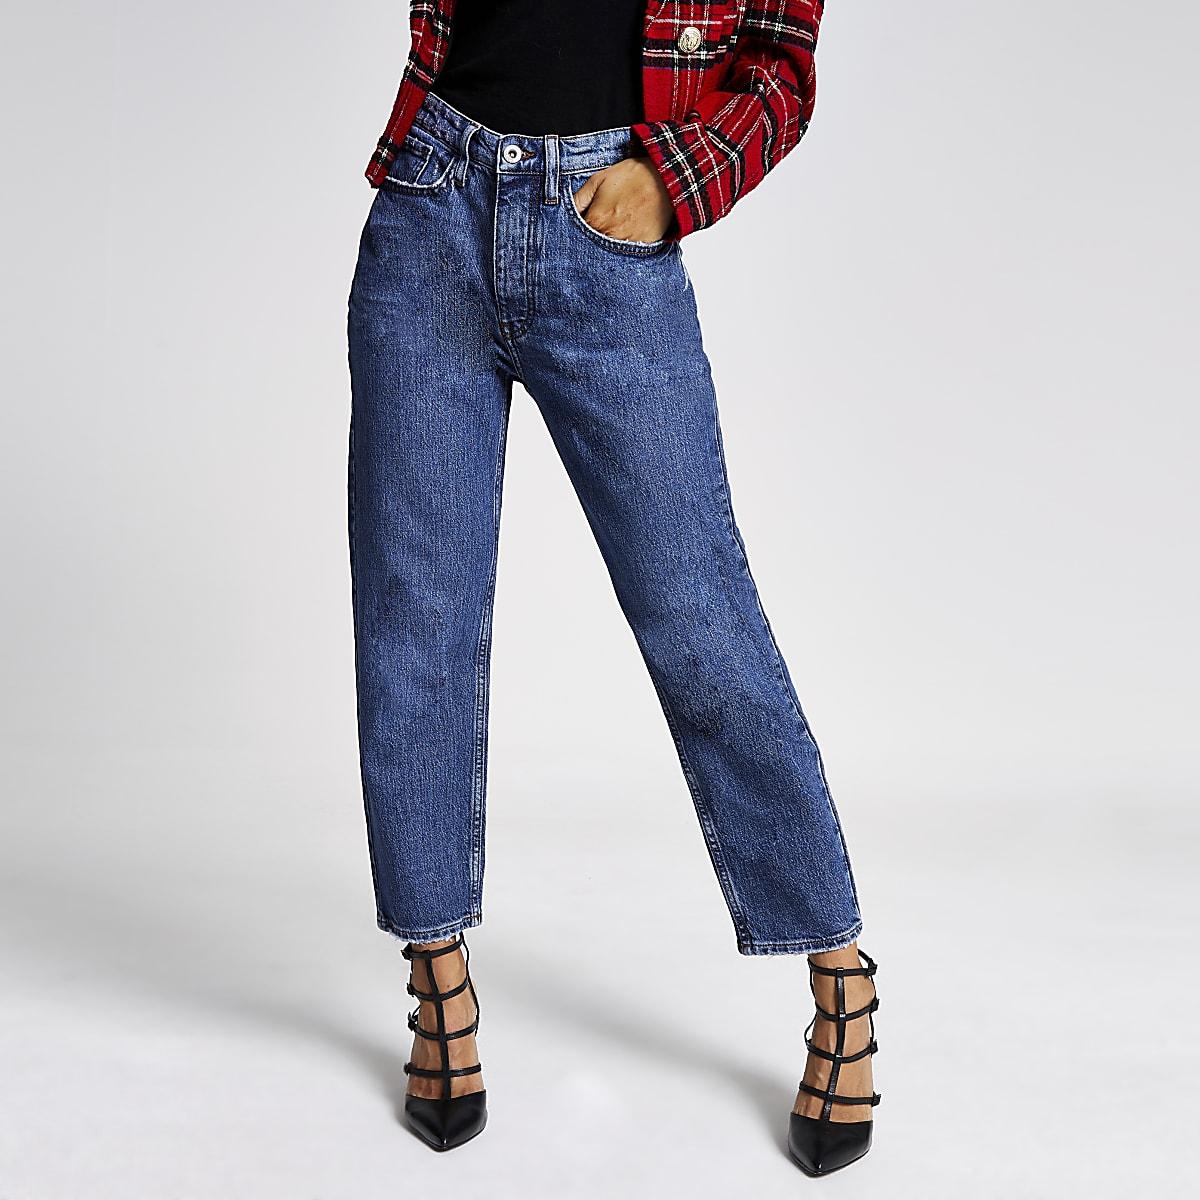 Blauwe denim jeans met rechte broekspijpen